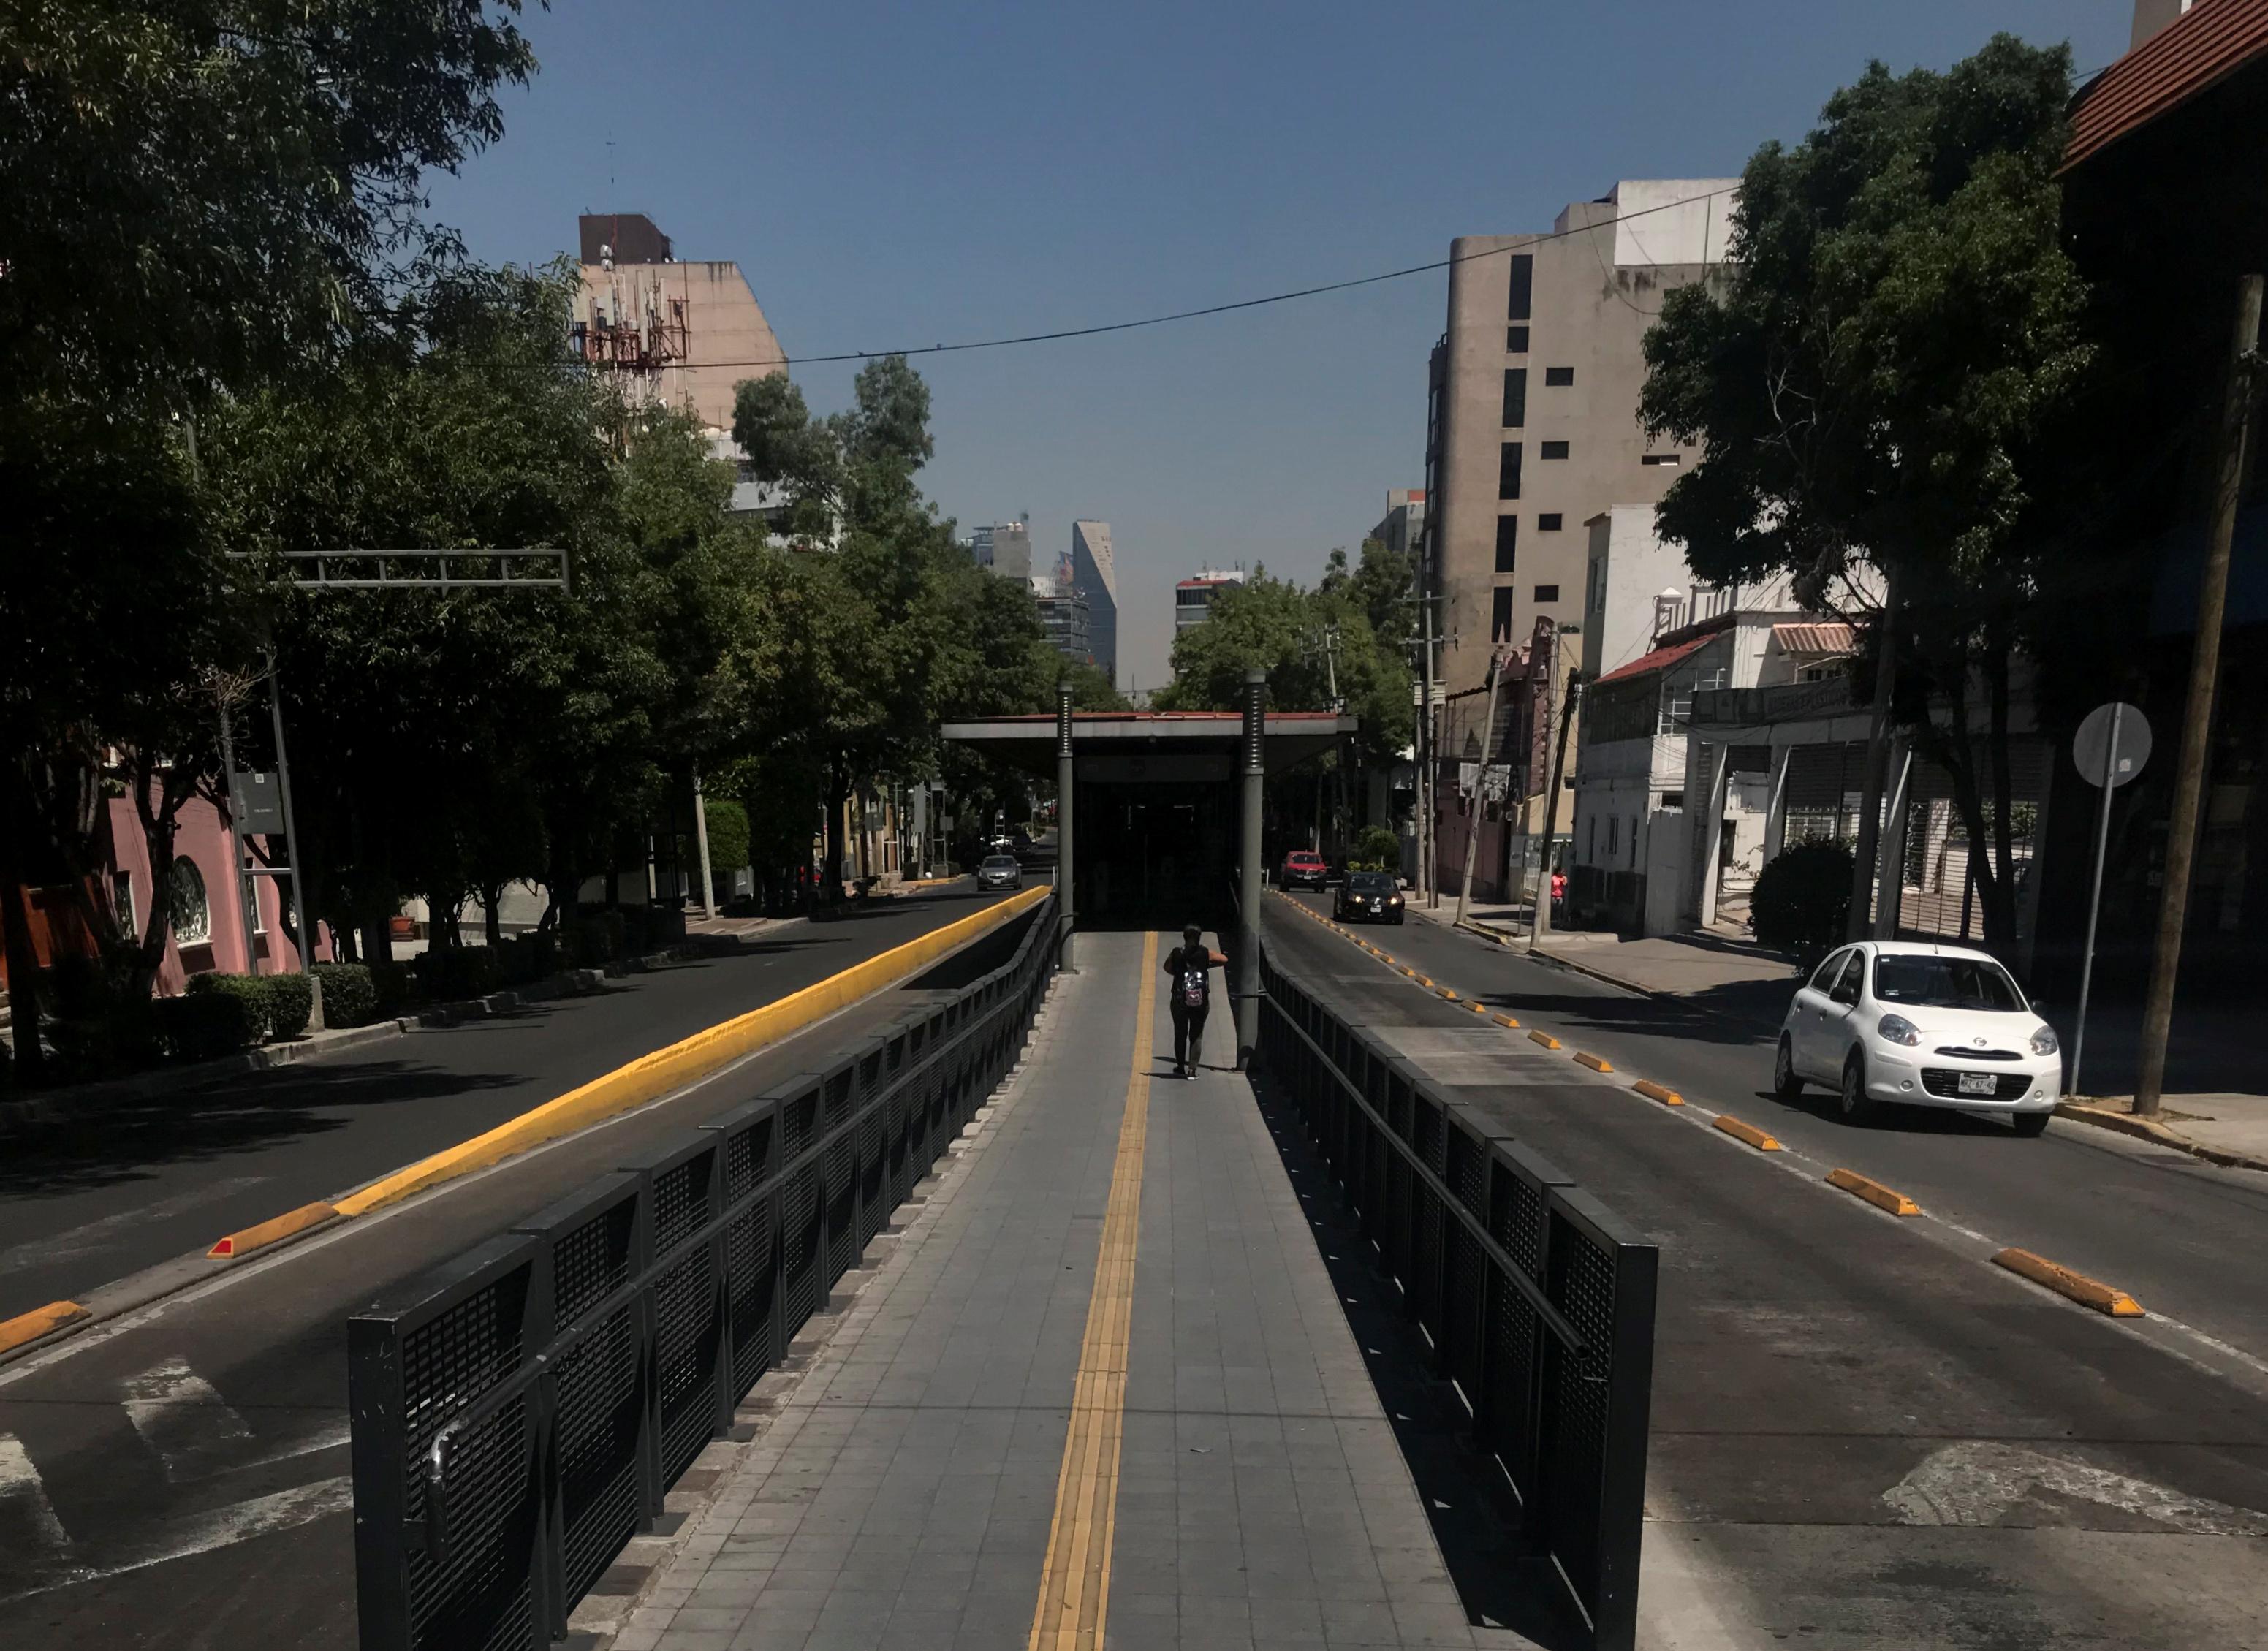 Una vista general muestra una avenida parcialmente vacía mientras continúa el brote de la enfermedad por coronavirus (COVID-19), en la Ciudad de México, México, 25 de marzo de 2020.